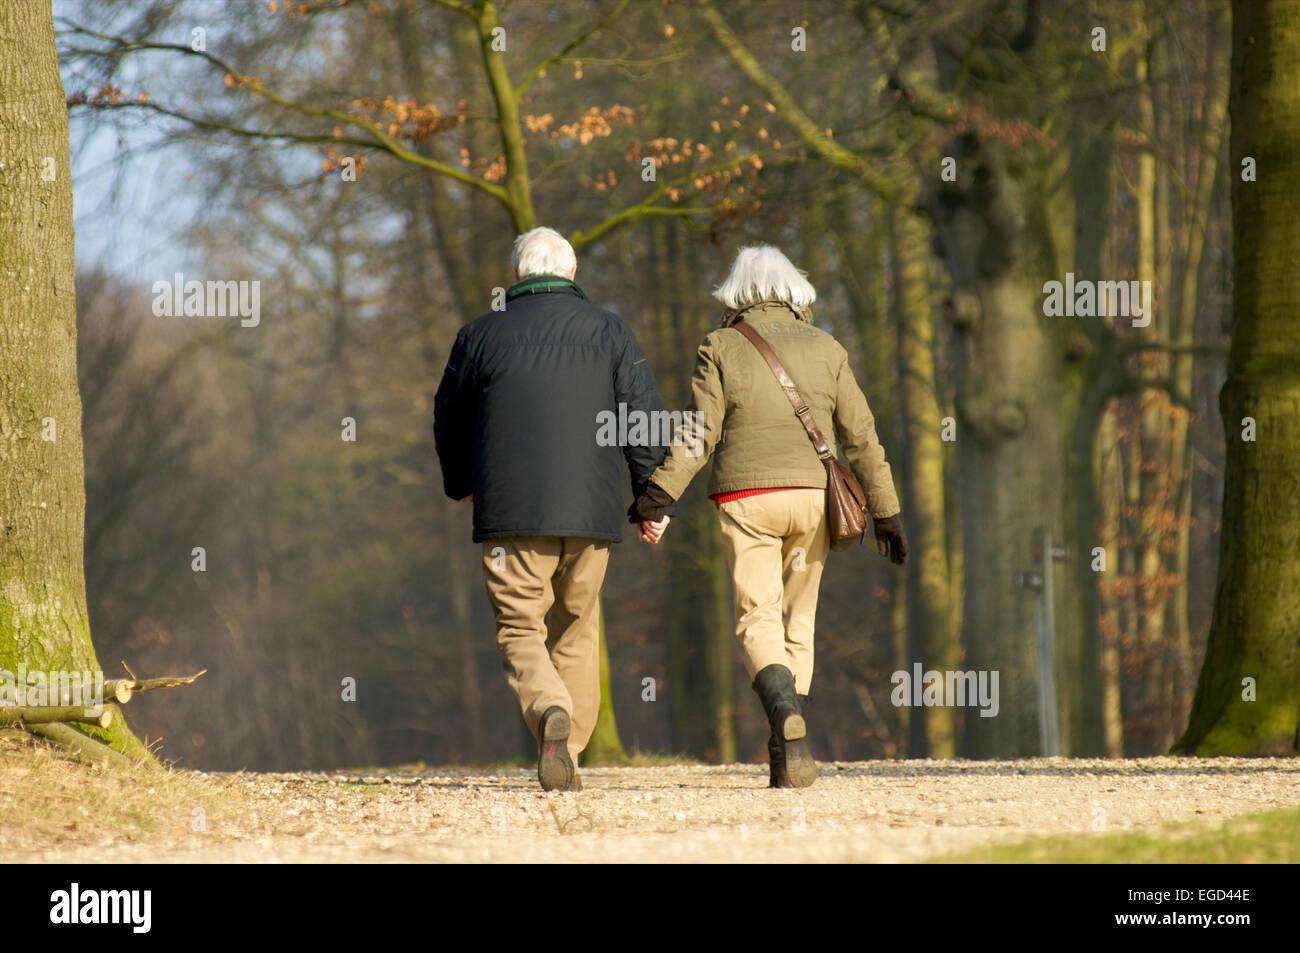 Pareja De Ancianos Caminando En Un Bosque Juntos Y Tomados De La